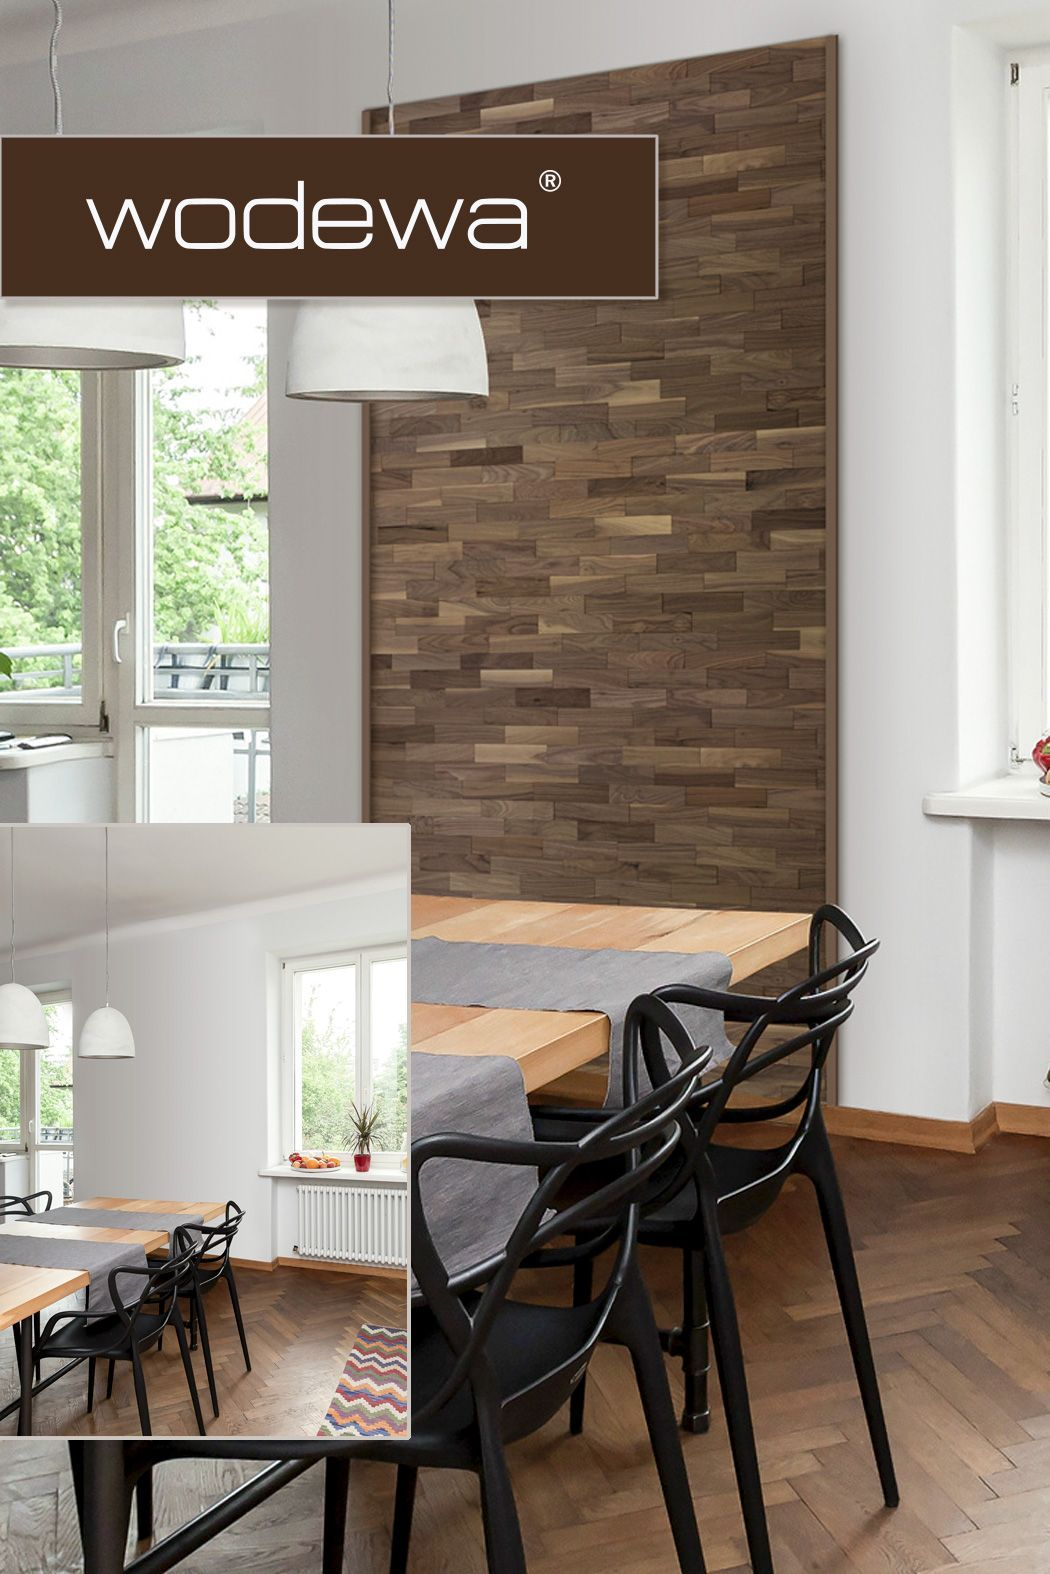 Mit Wodewa Kannst Du Einfach Und Schnell Deine Wande Neu Gestalten In 2020 Wohnen Haus Deko Style At Home